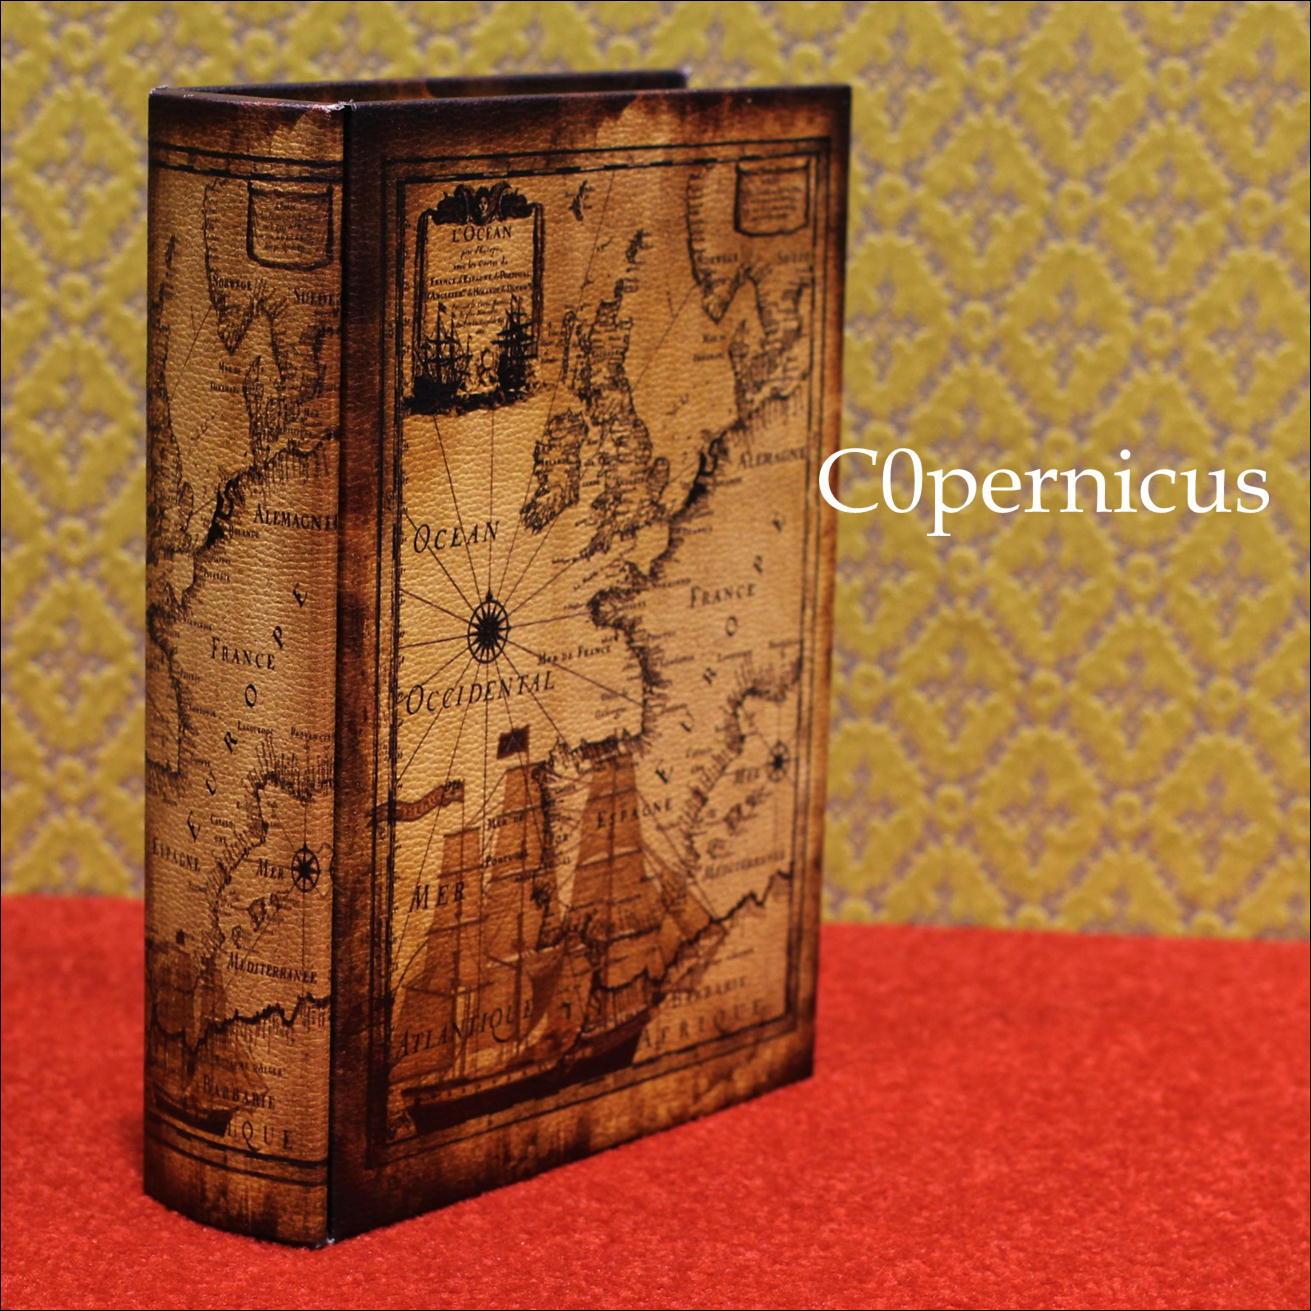 Bookボックス2/アンティーク雑貨/浜松雑貨屋C0pernicus